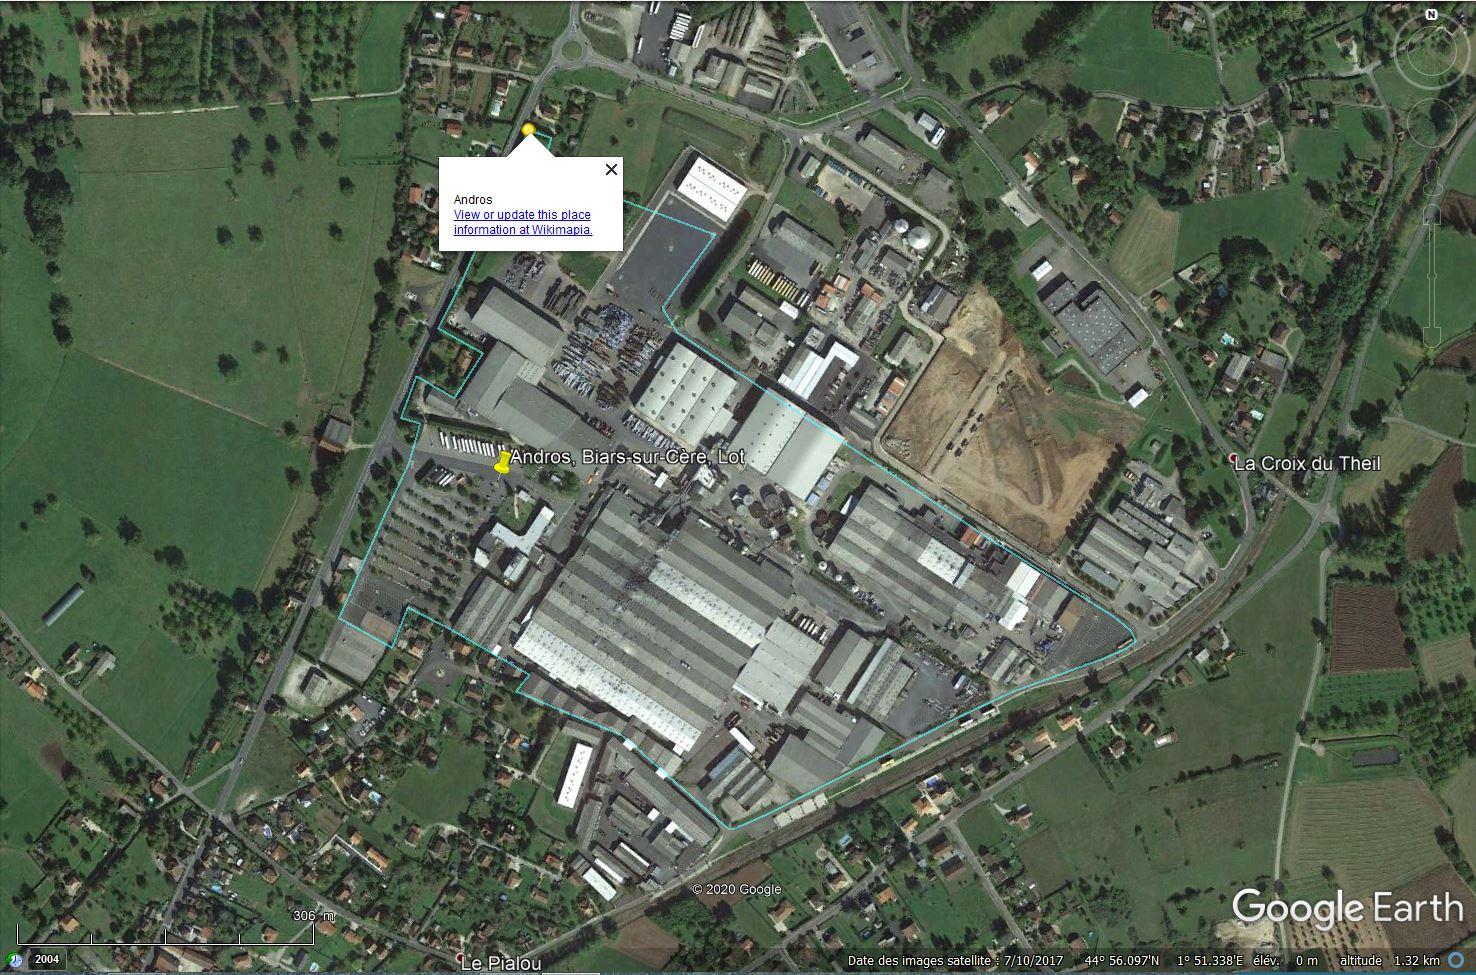 Nos marques ont aussi des usines - Page 2 Tsge1752